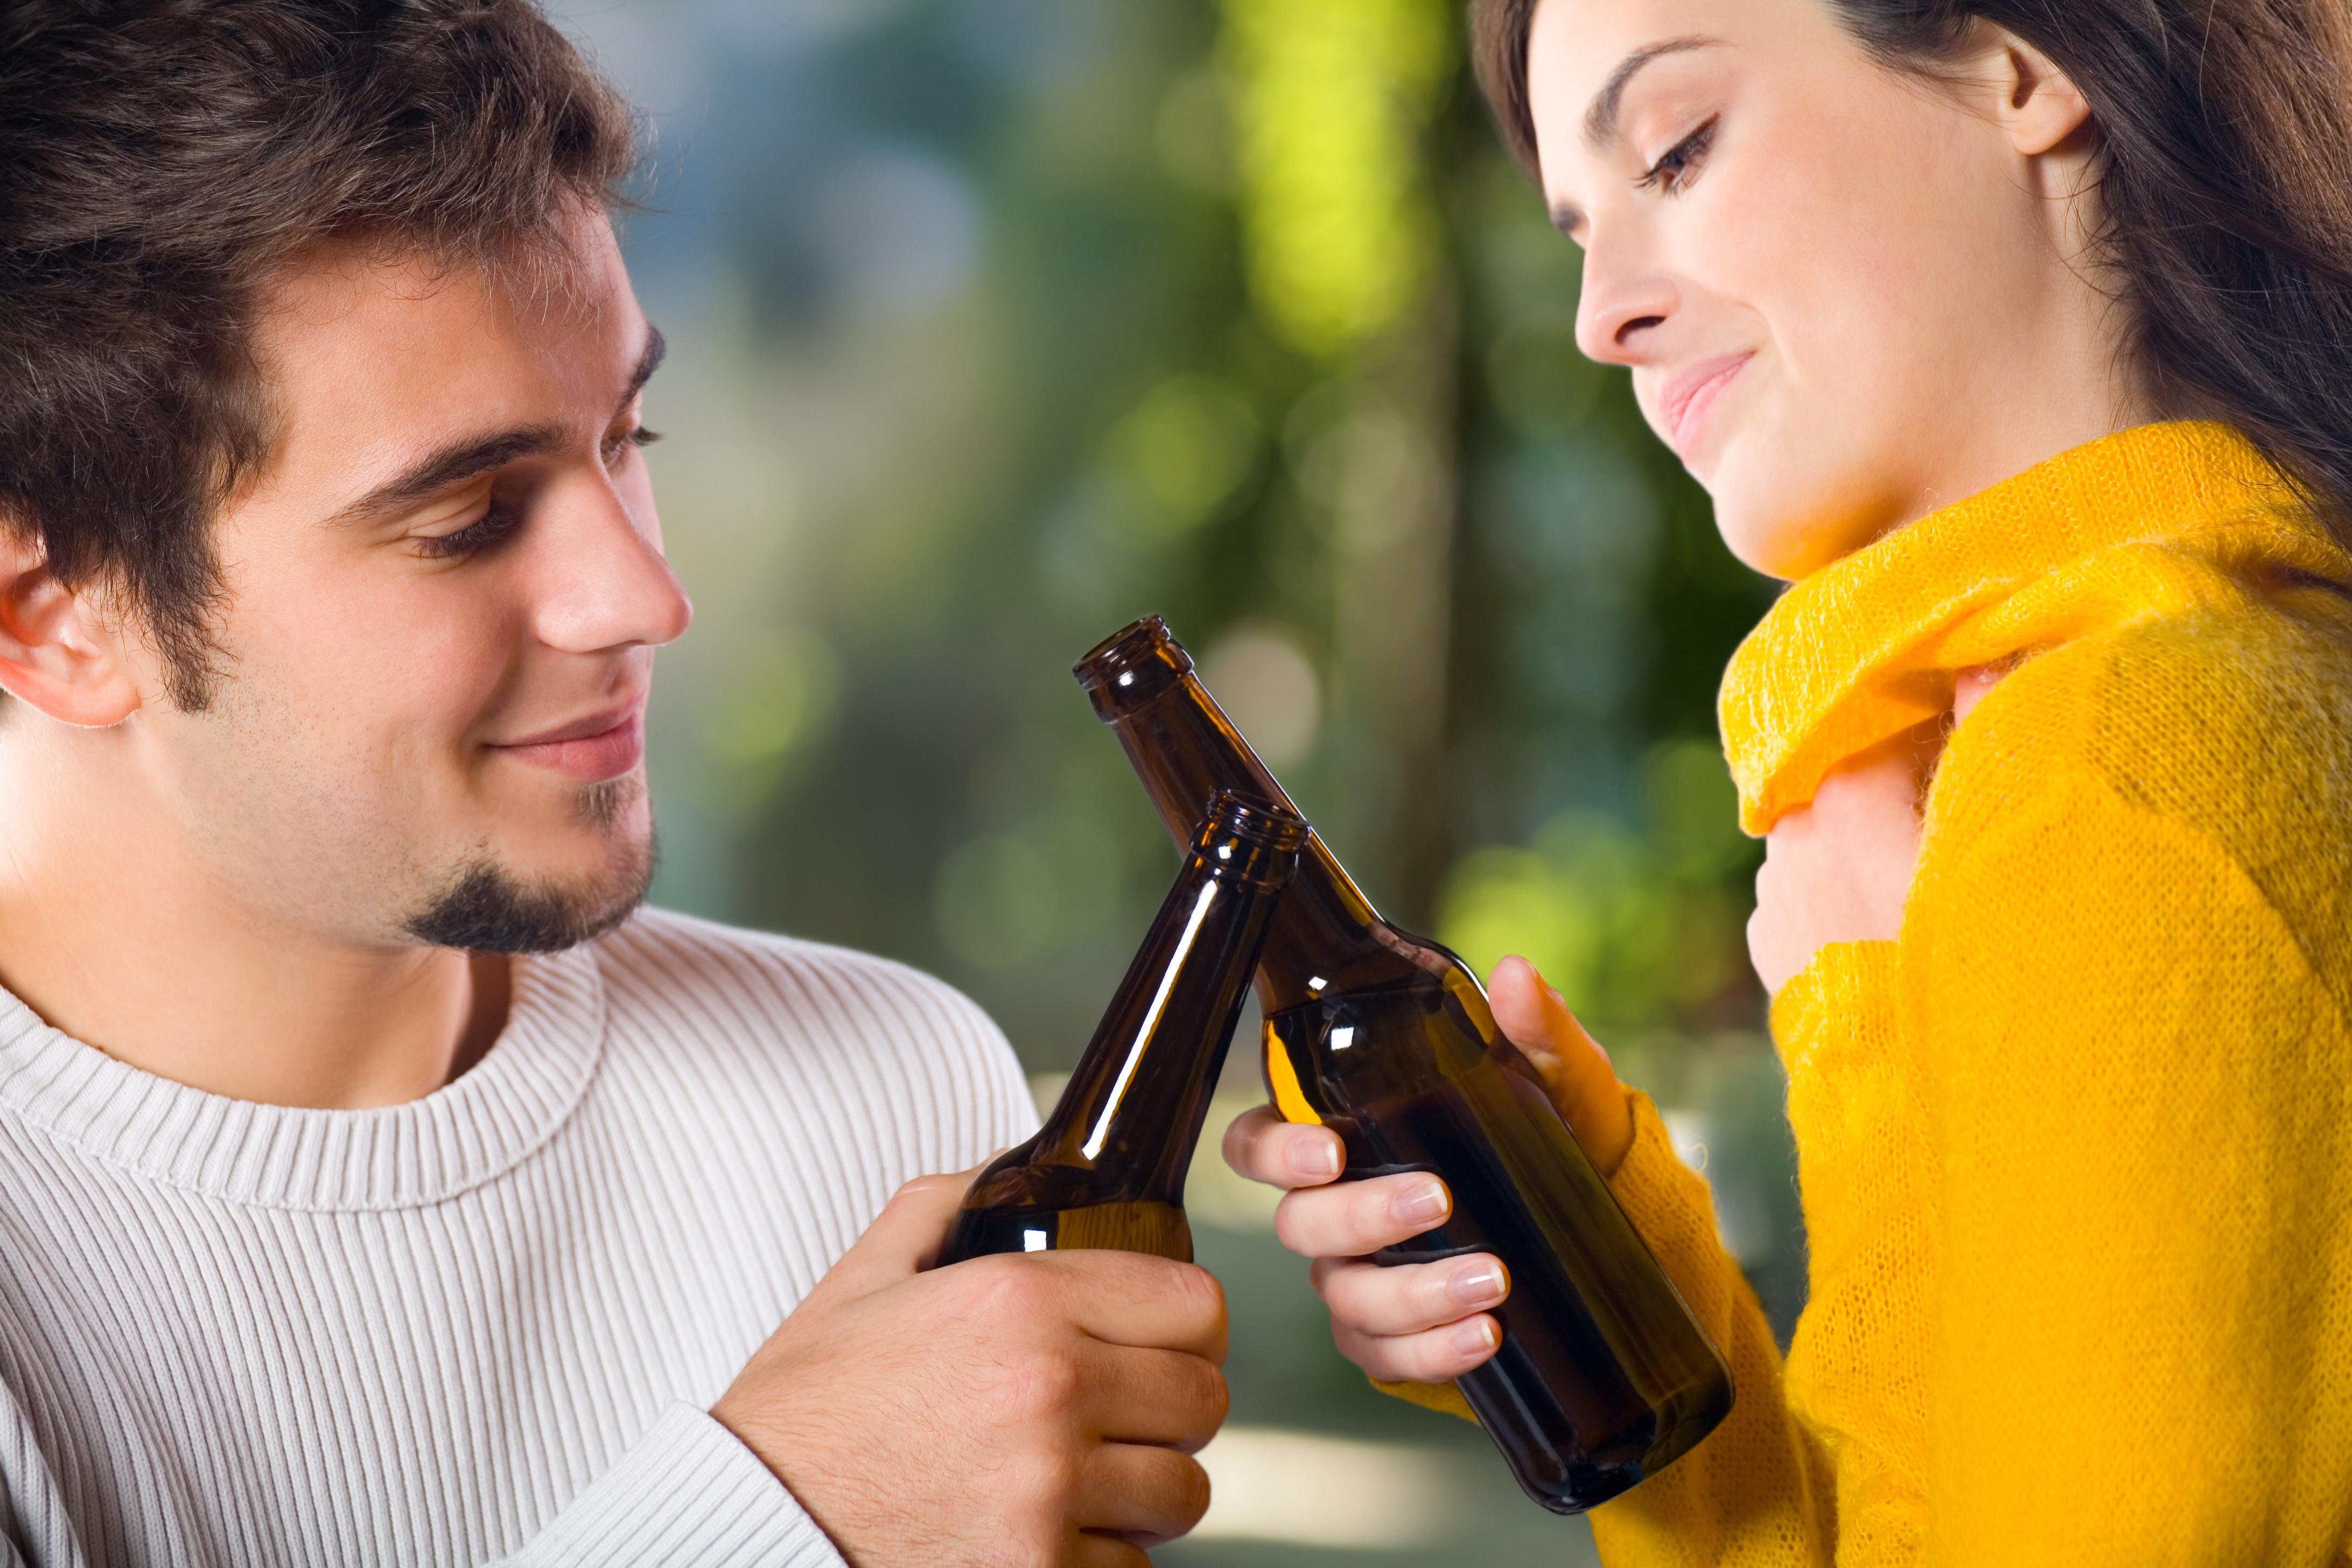 תואר בבירה, מה צריך יותר מזה? (צ'- shutterstock)